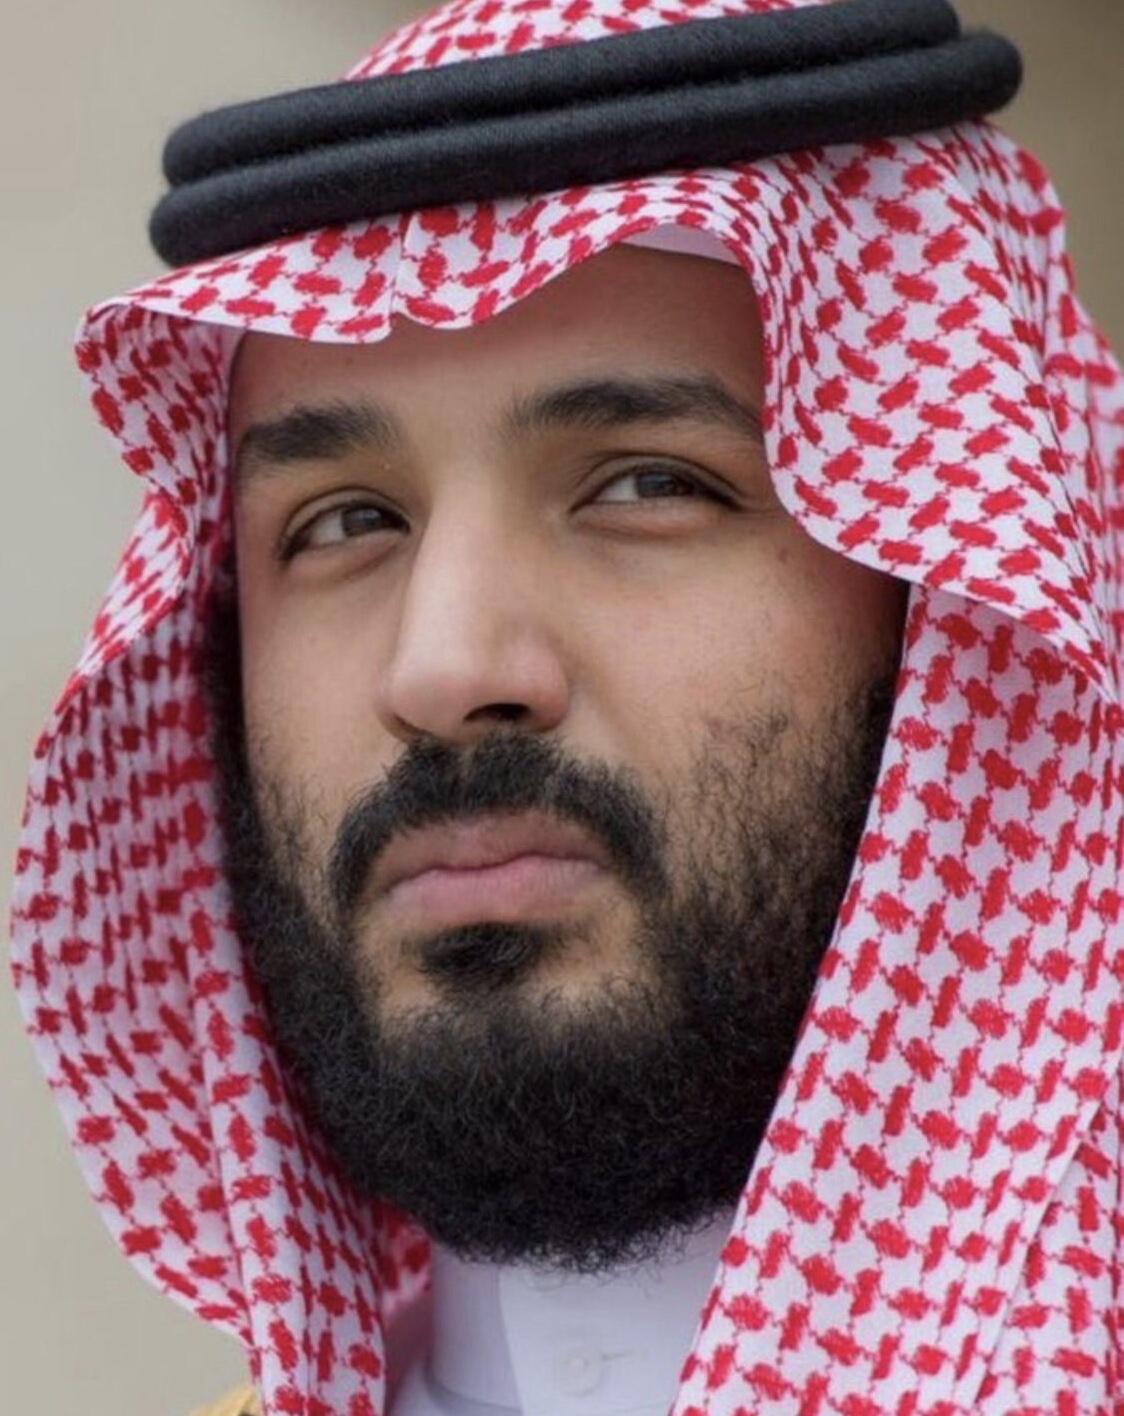 شرايين السعودية تنتعش بدماء الشباب تماشيًا مع رؤية محمد بن سلمان